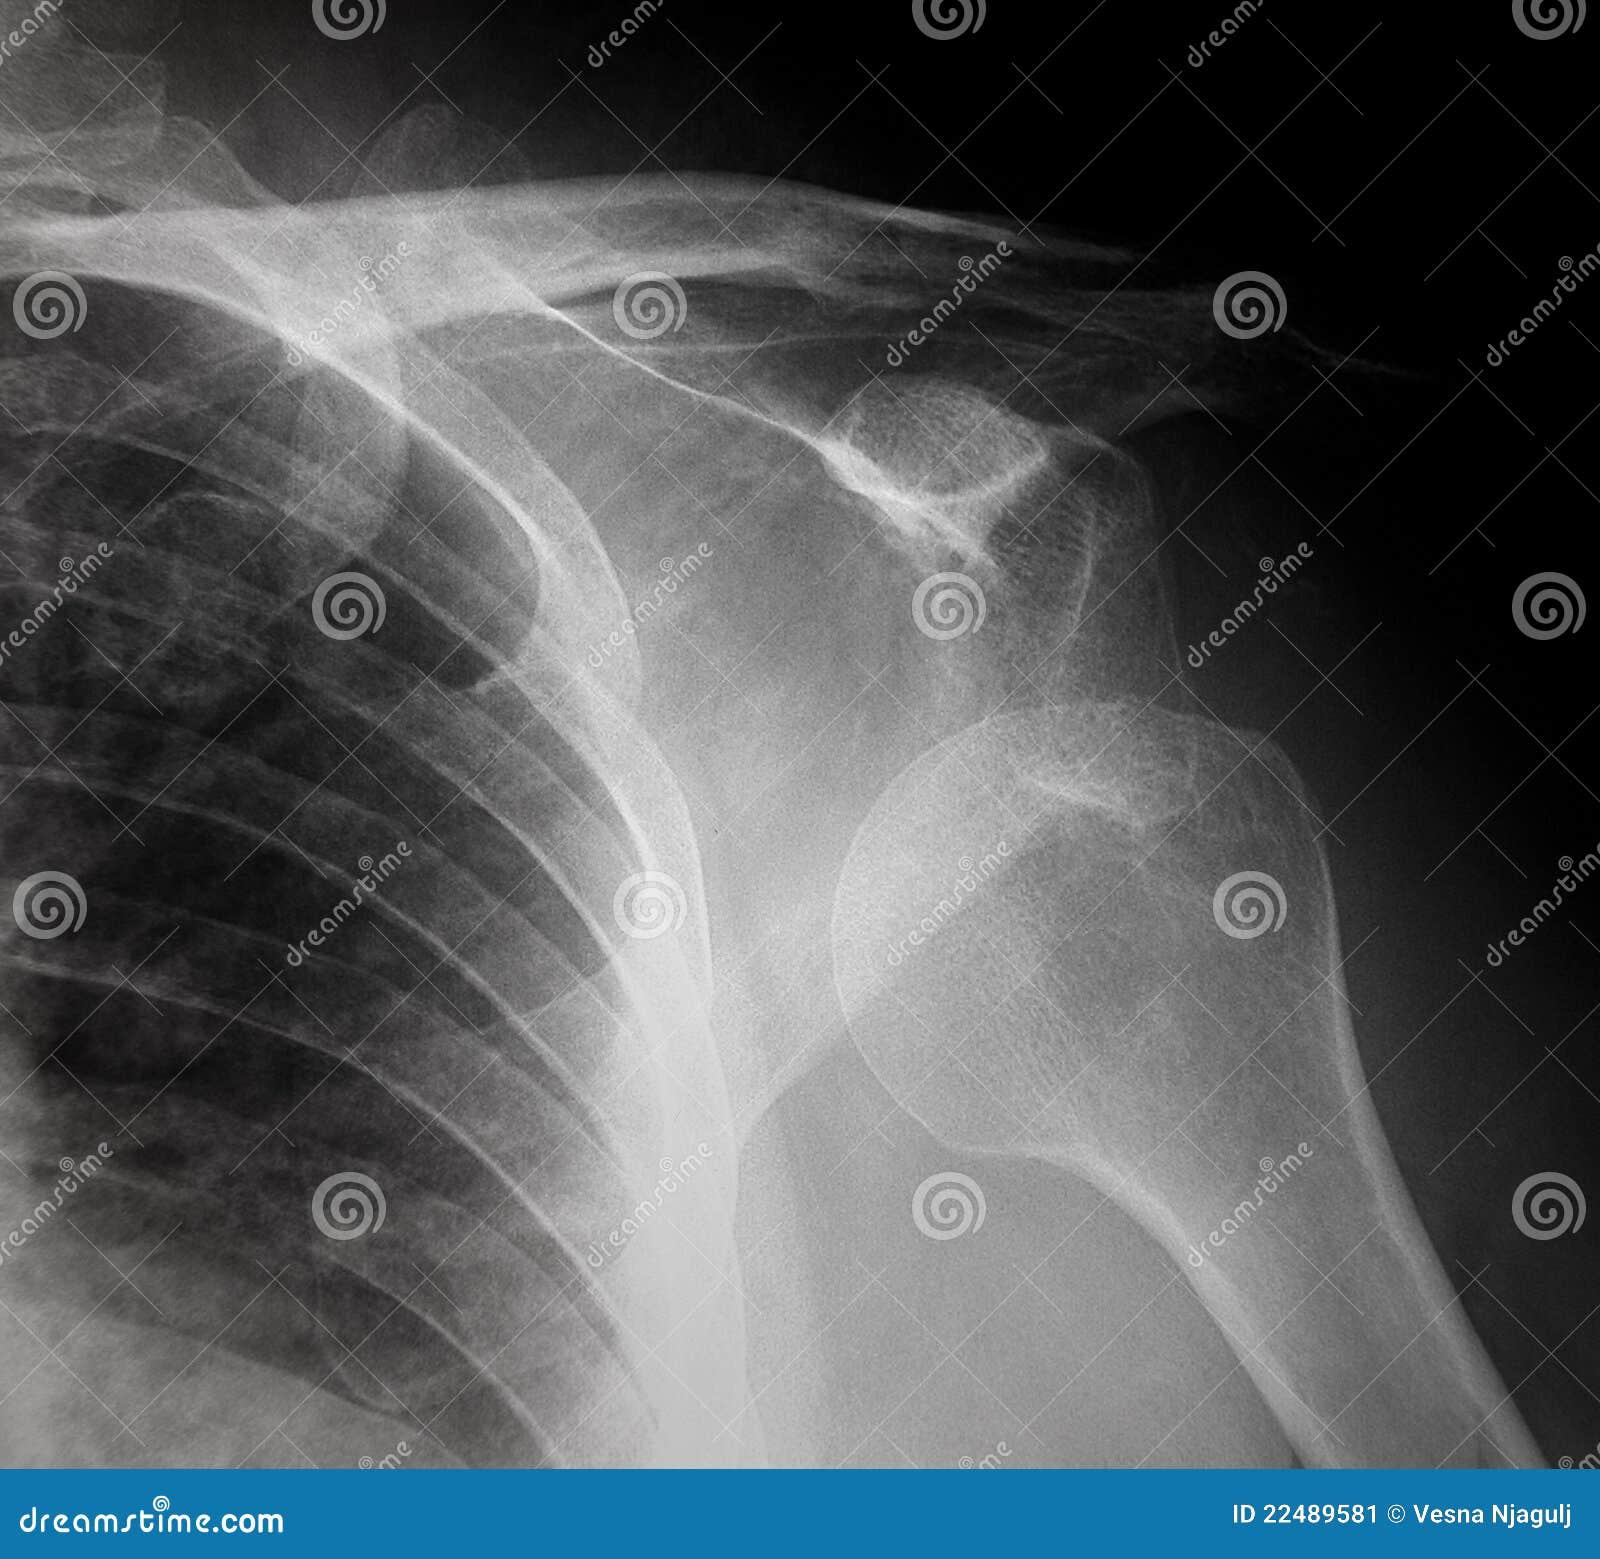 Épaule déplacée par rayon X - radiographie